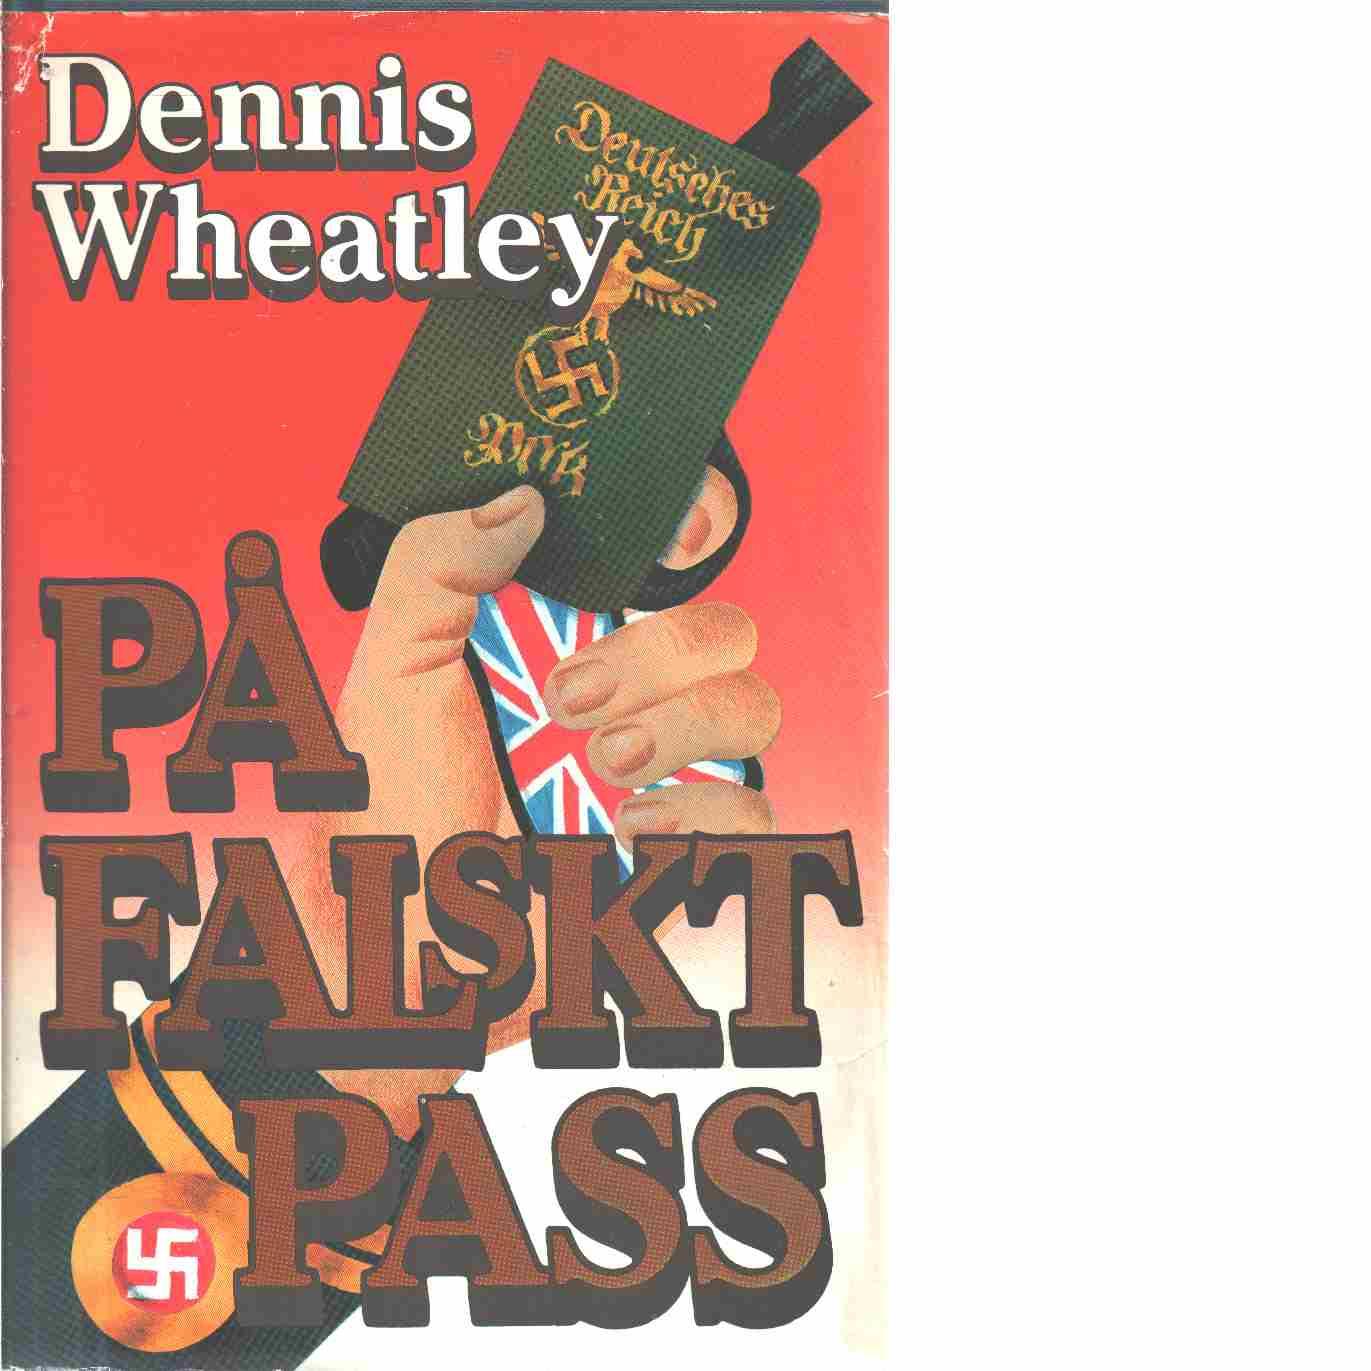 På falskt pass  - Wheatley, Dennis